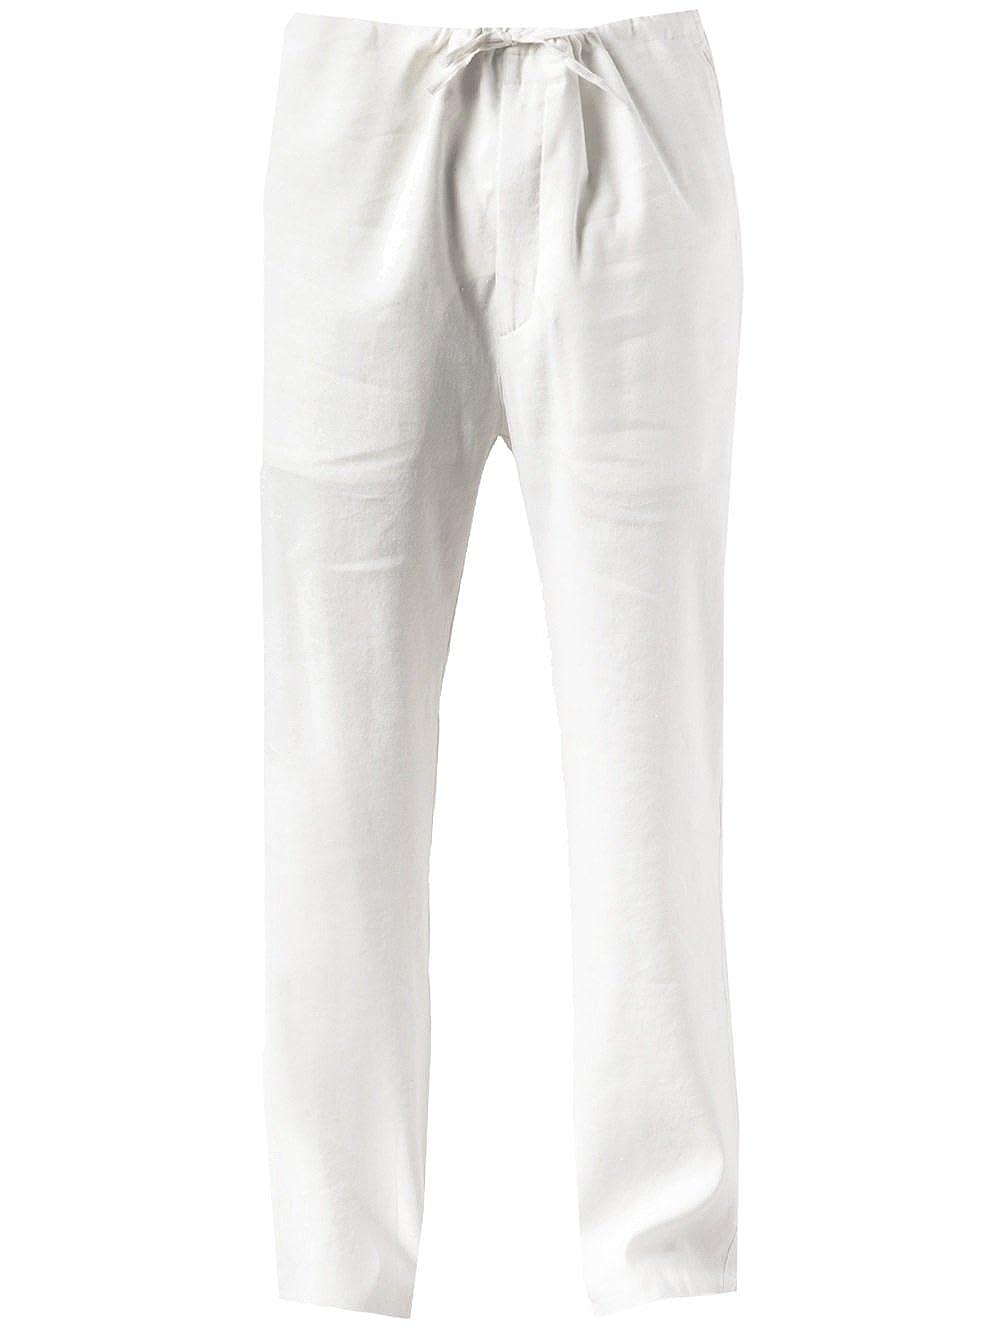 e88f072a15 Amazon.com  Vivienne Westwood Men s Linen Trousers